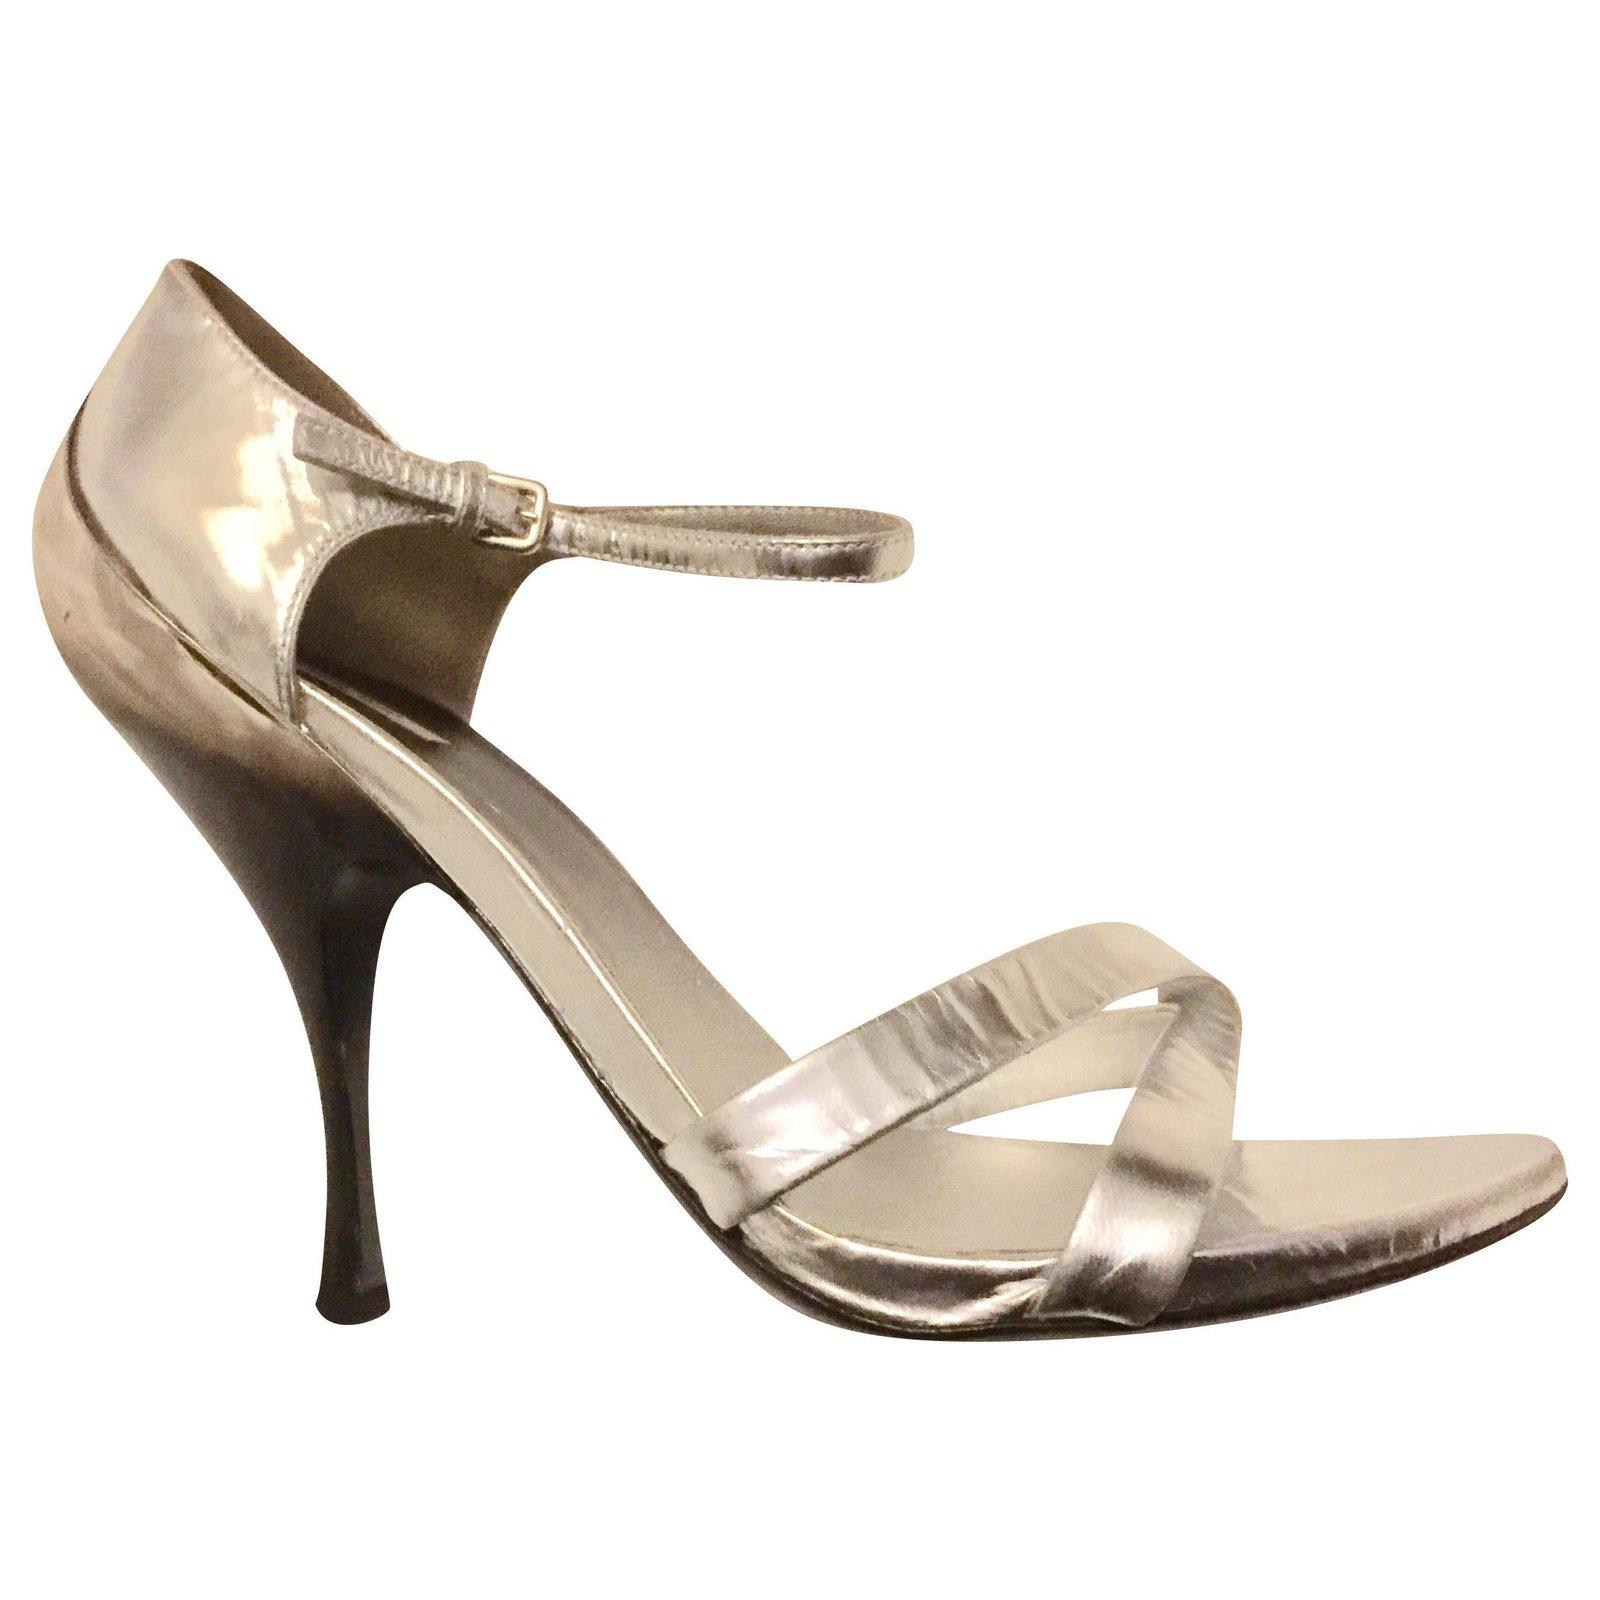 Miu Miu Silver evening sandals Sandals